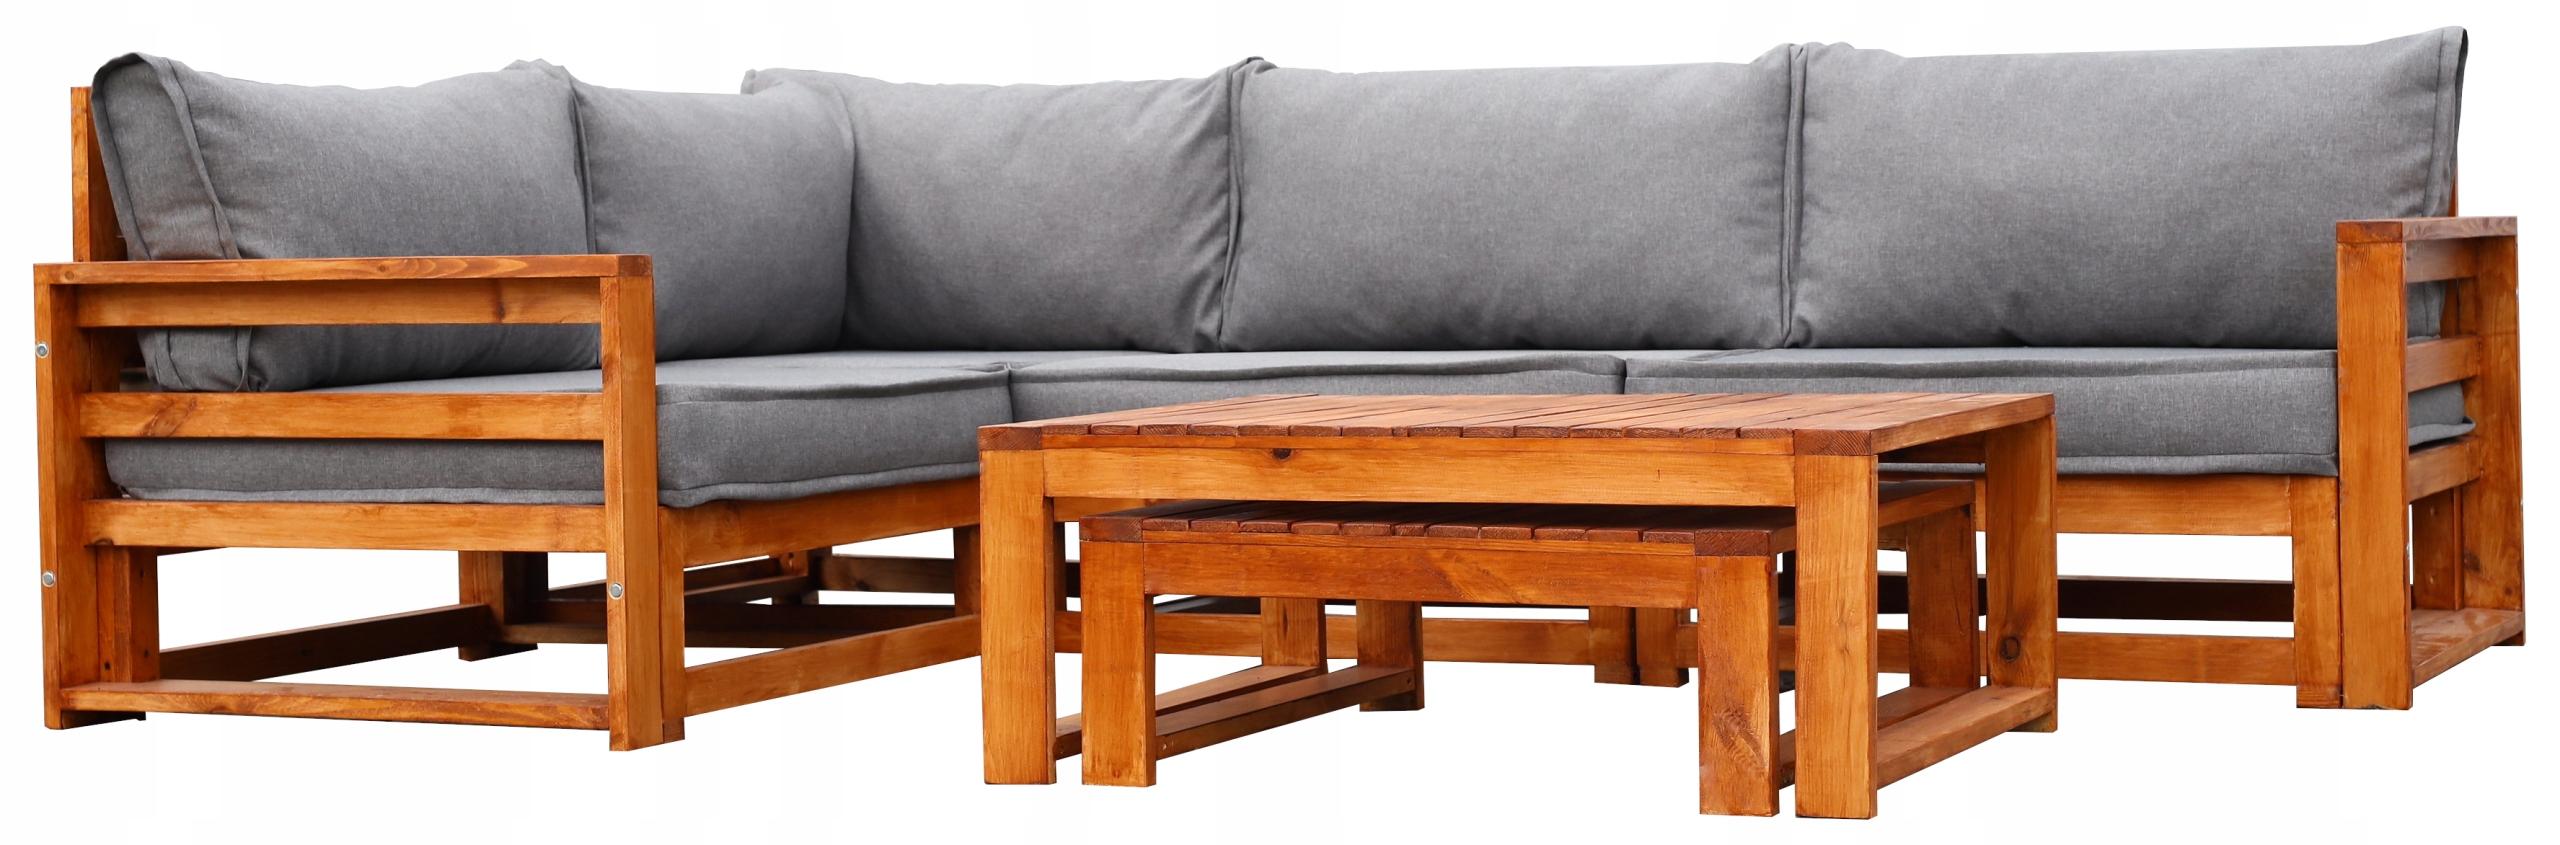 Sada záhradného nábytku z dreva 4-SEATOR + 2 LAVICE výrobca TOTO